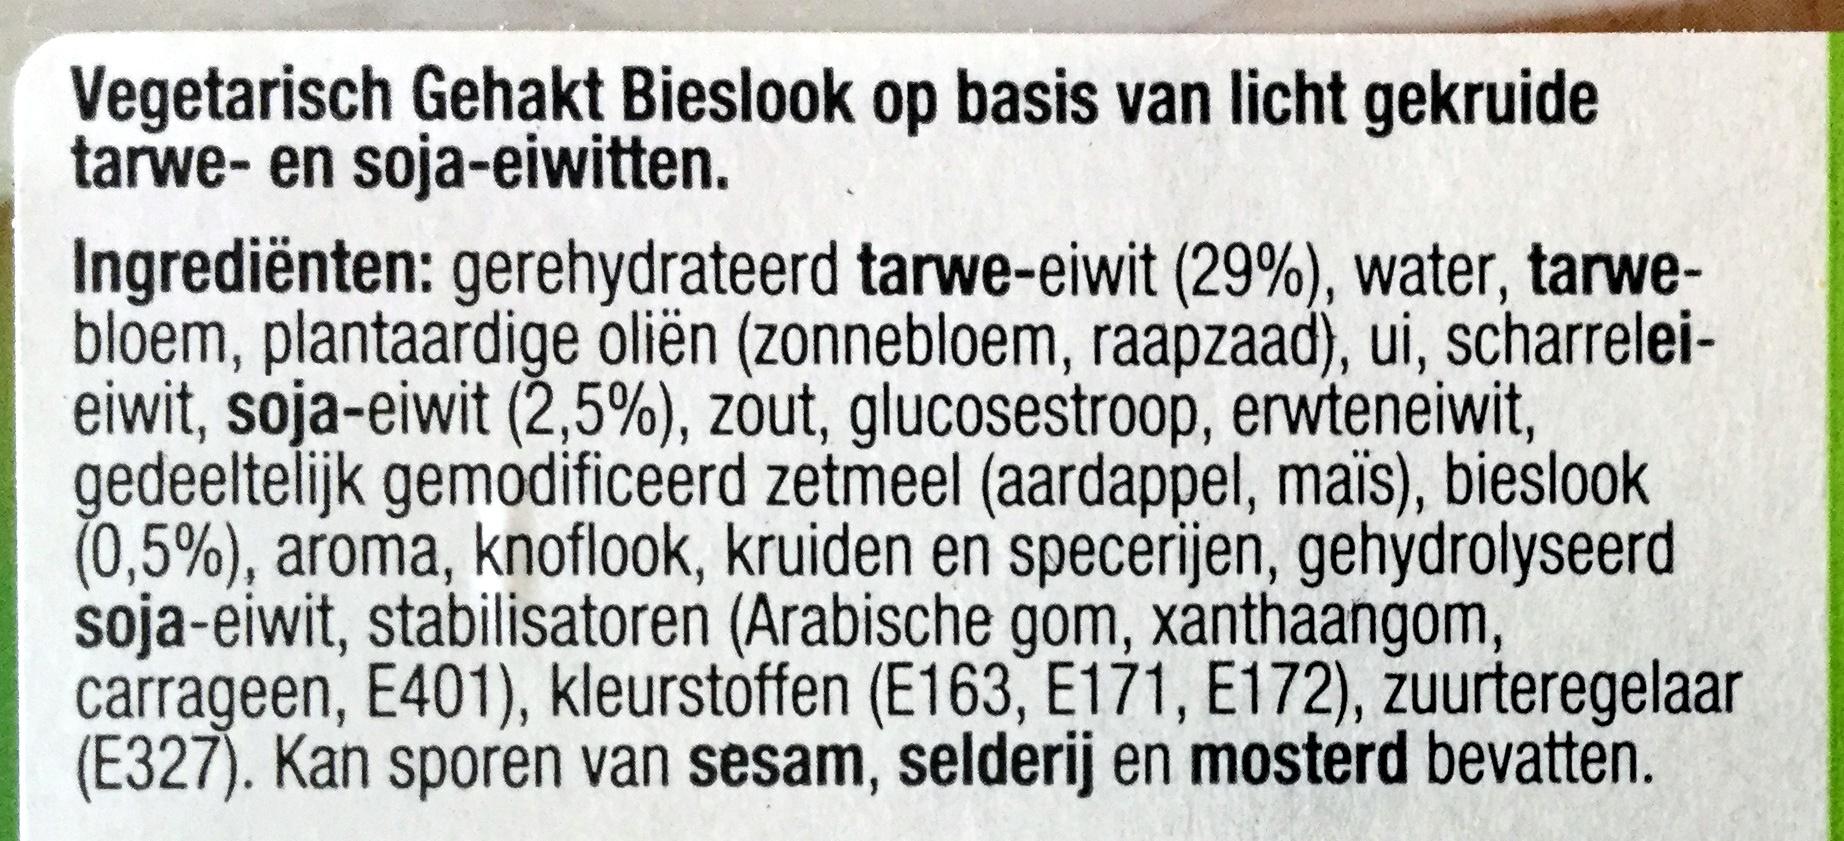 Vegetarisch gehakt bieslook - Ingredients - nl